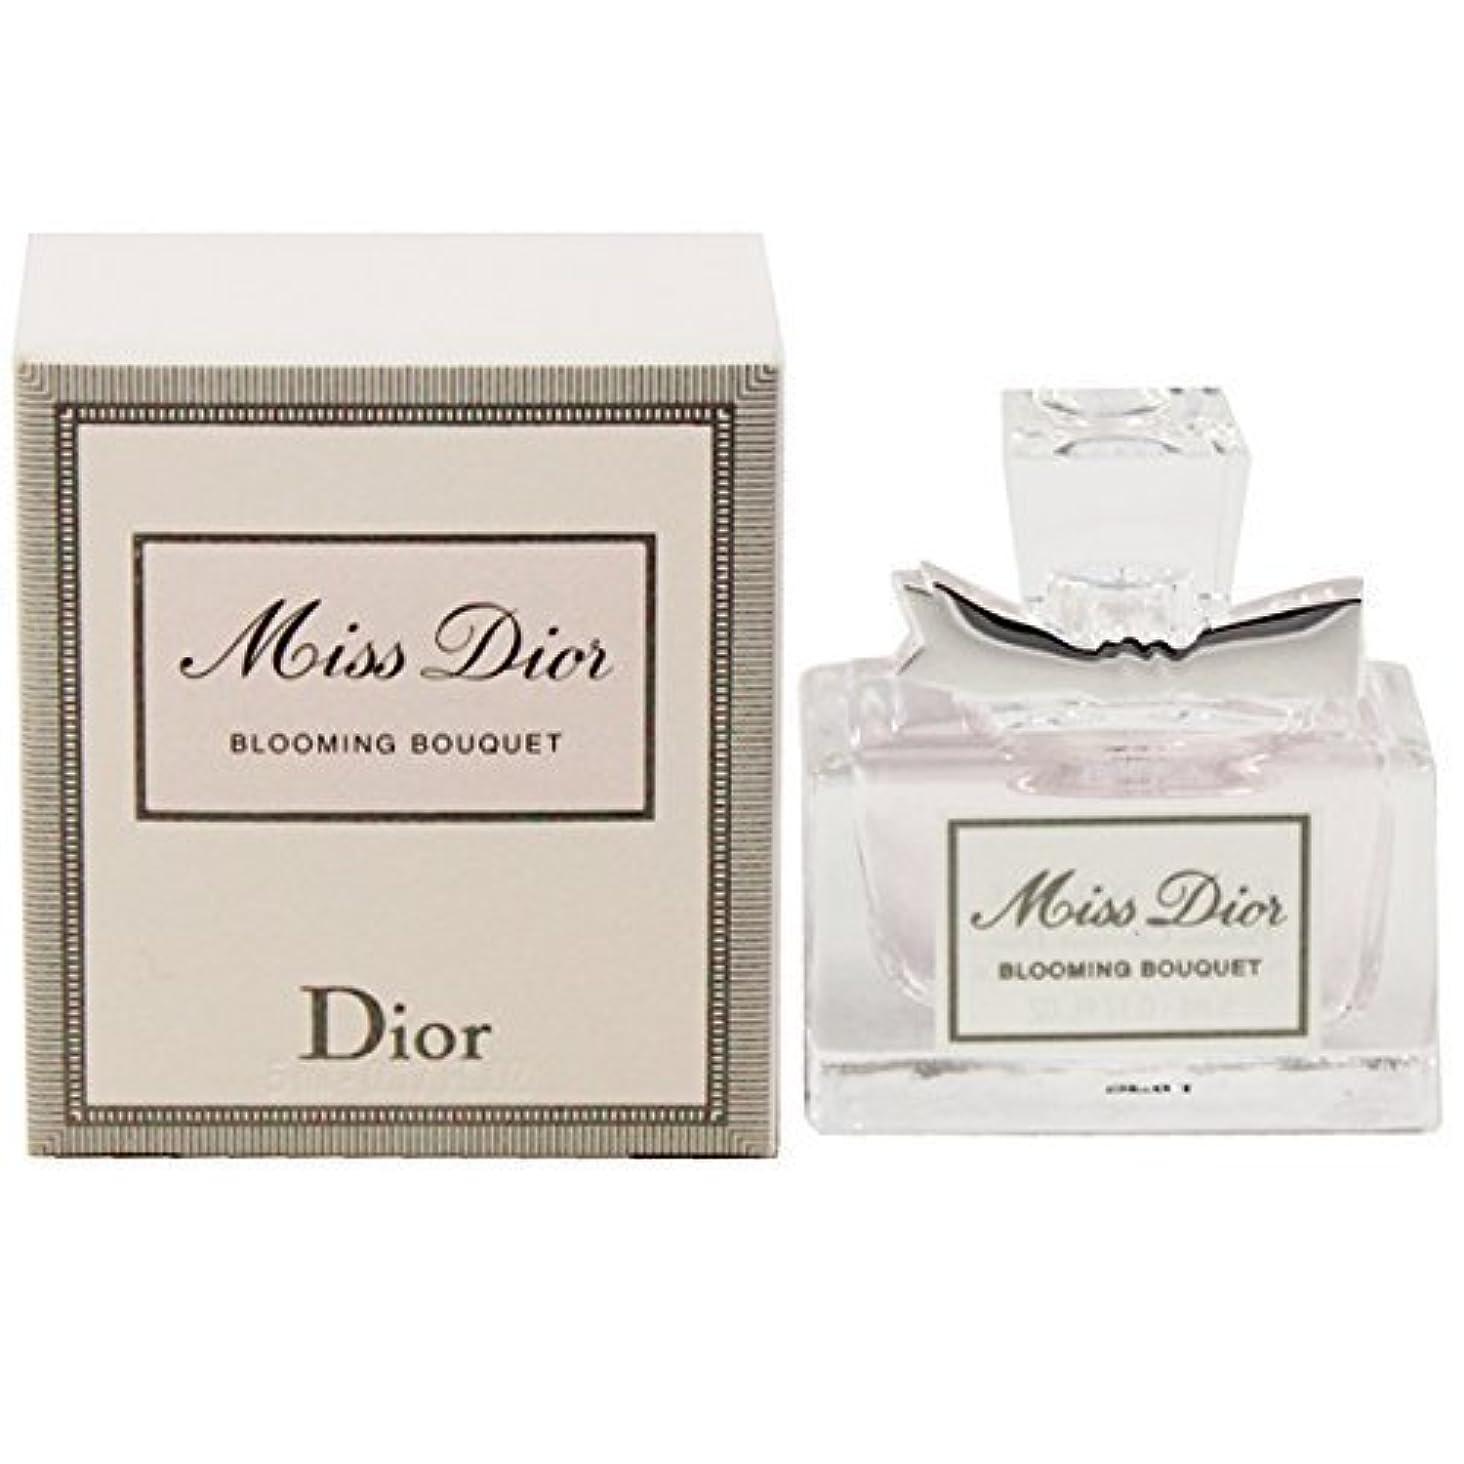 拡声器転倒愛人クリスチャン ディオール(Christian Dior) ミス ディオール ブルーミングブーケEDT?BT 5ml[並行輸入品]